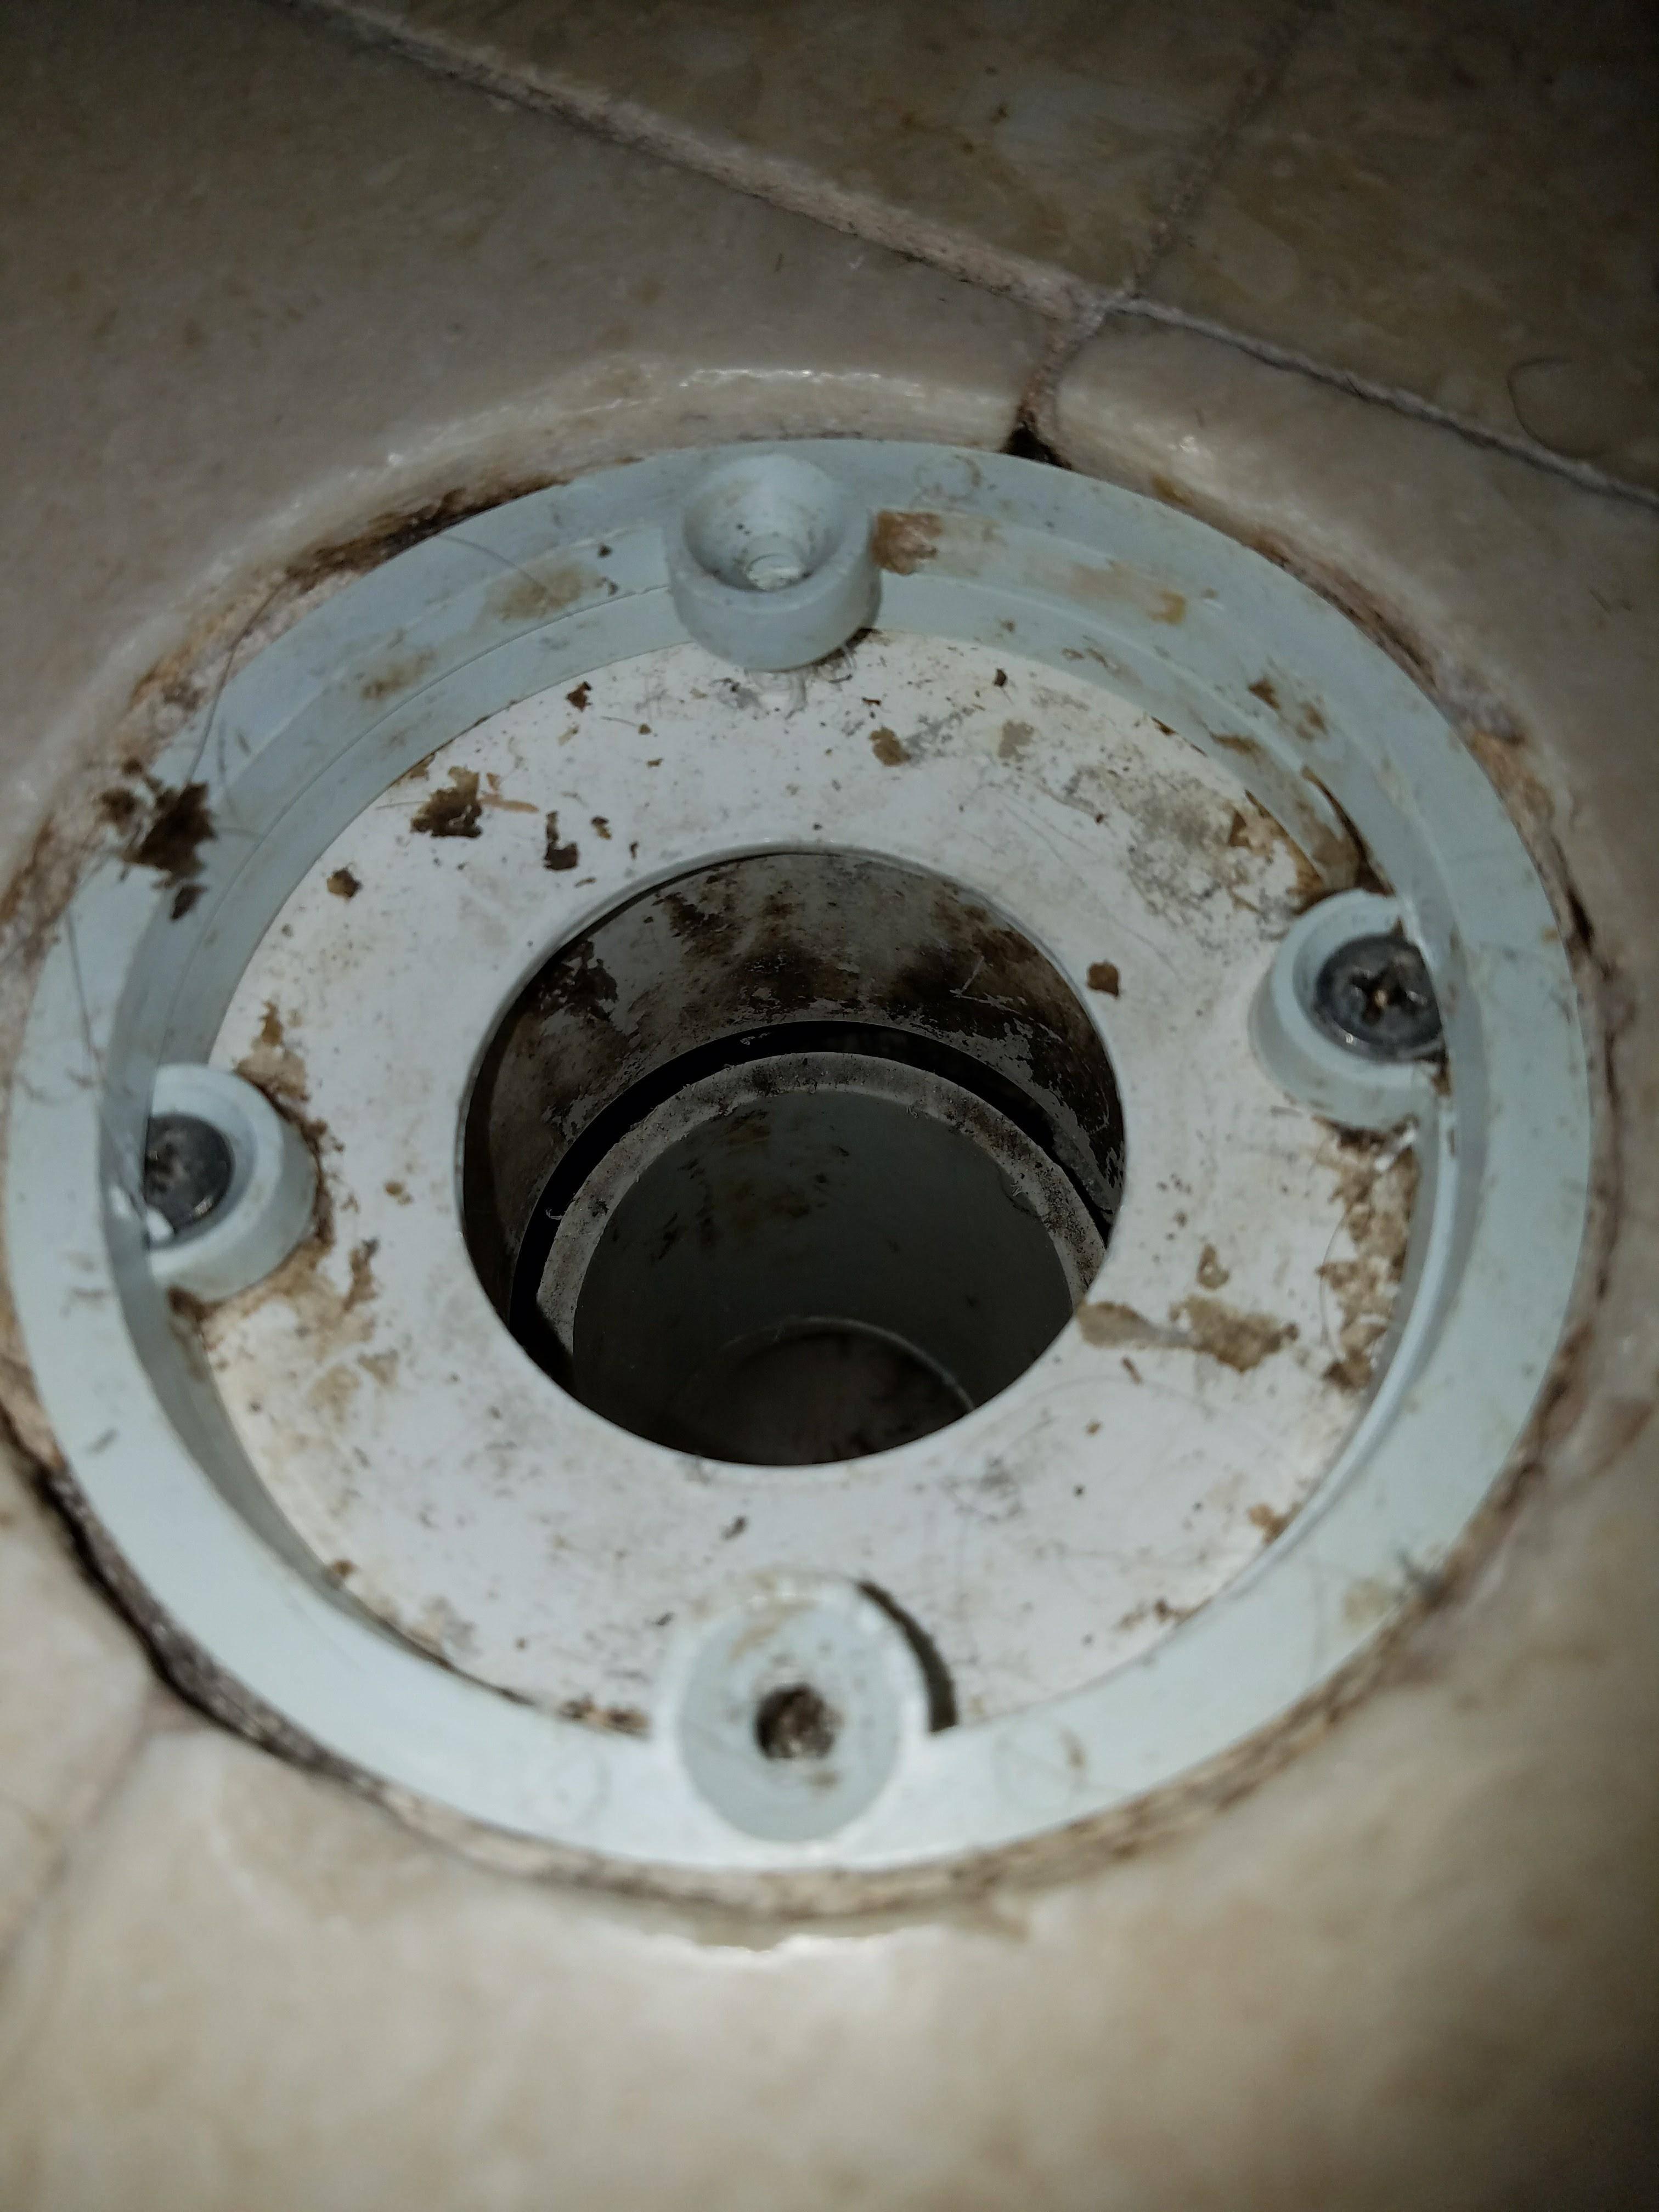 Plumbing How To Fix 12 Inch Gap Between Shower Drain